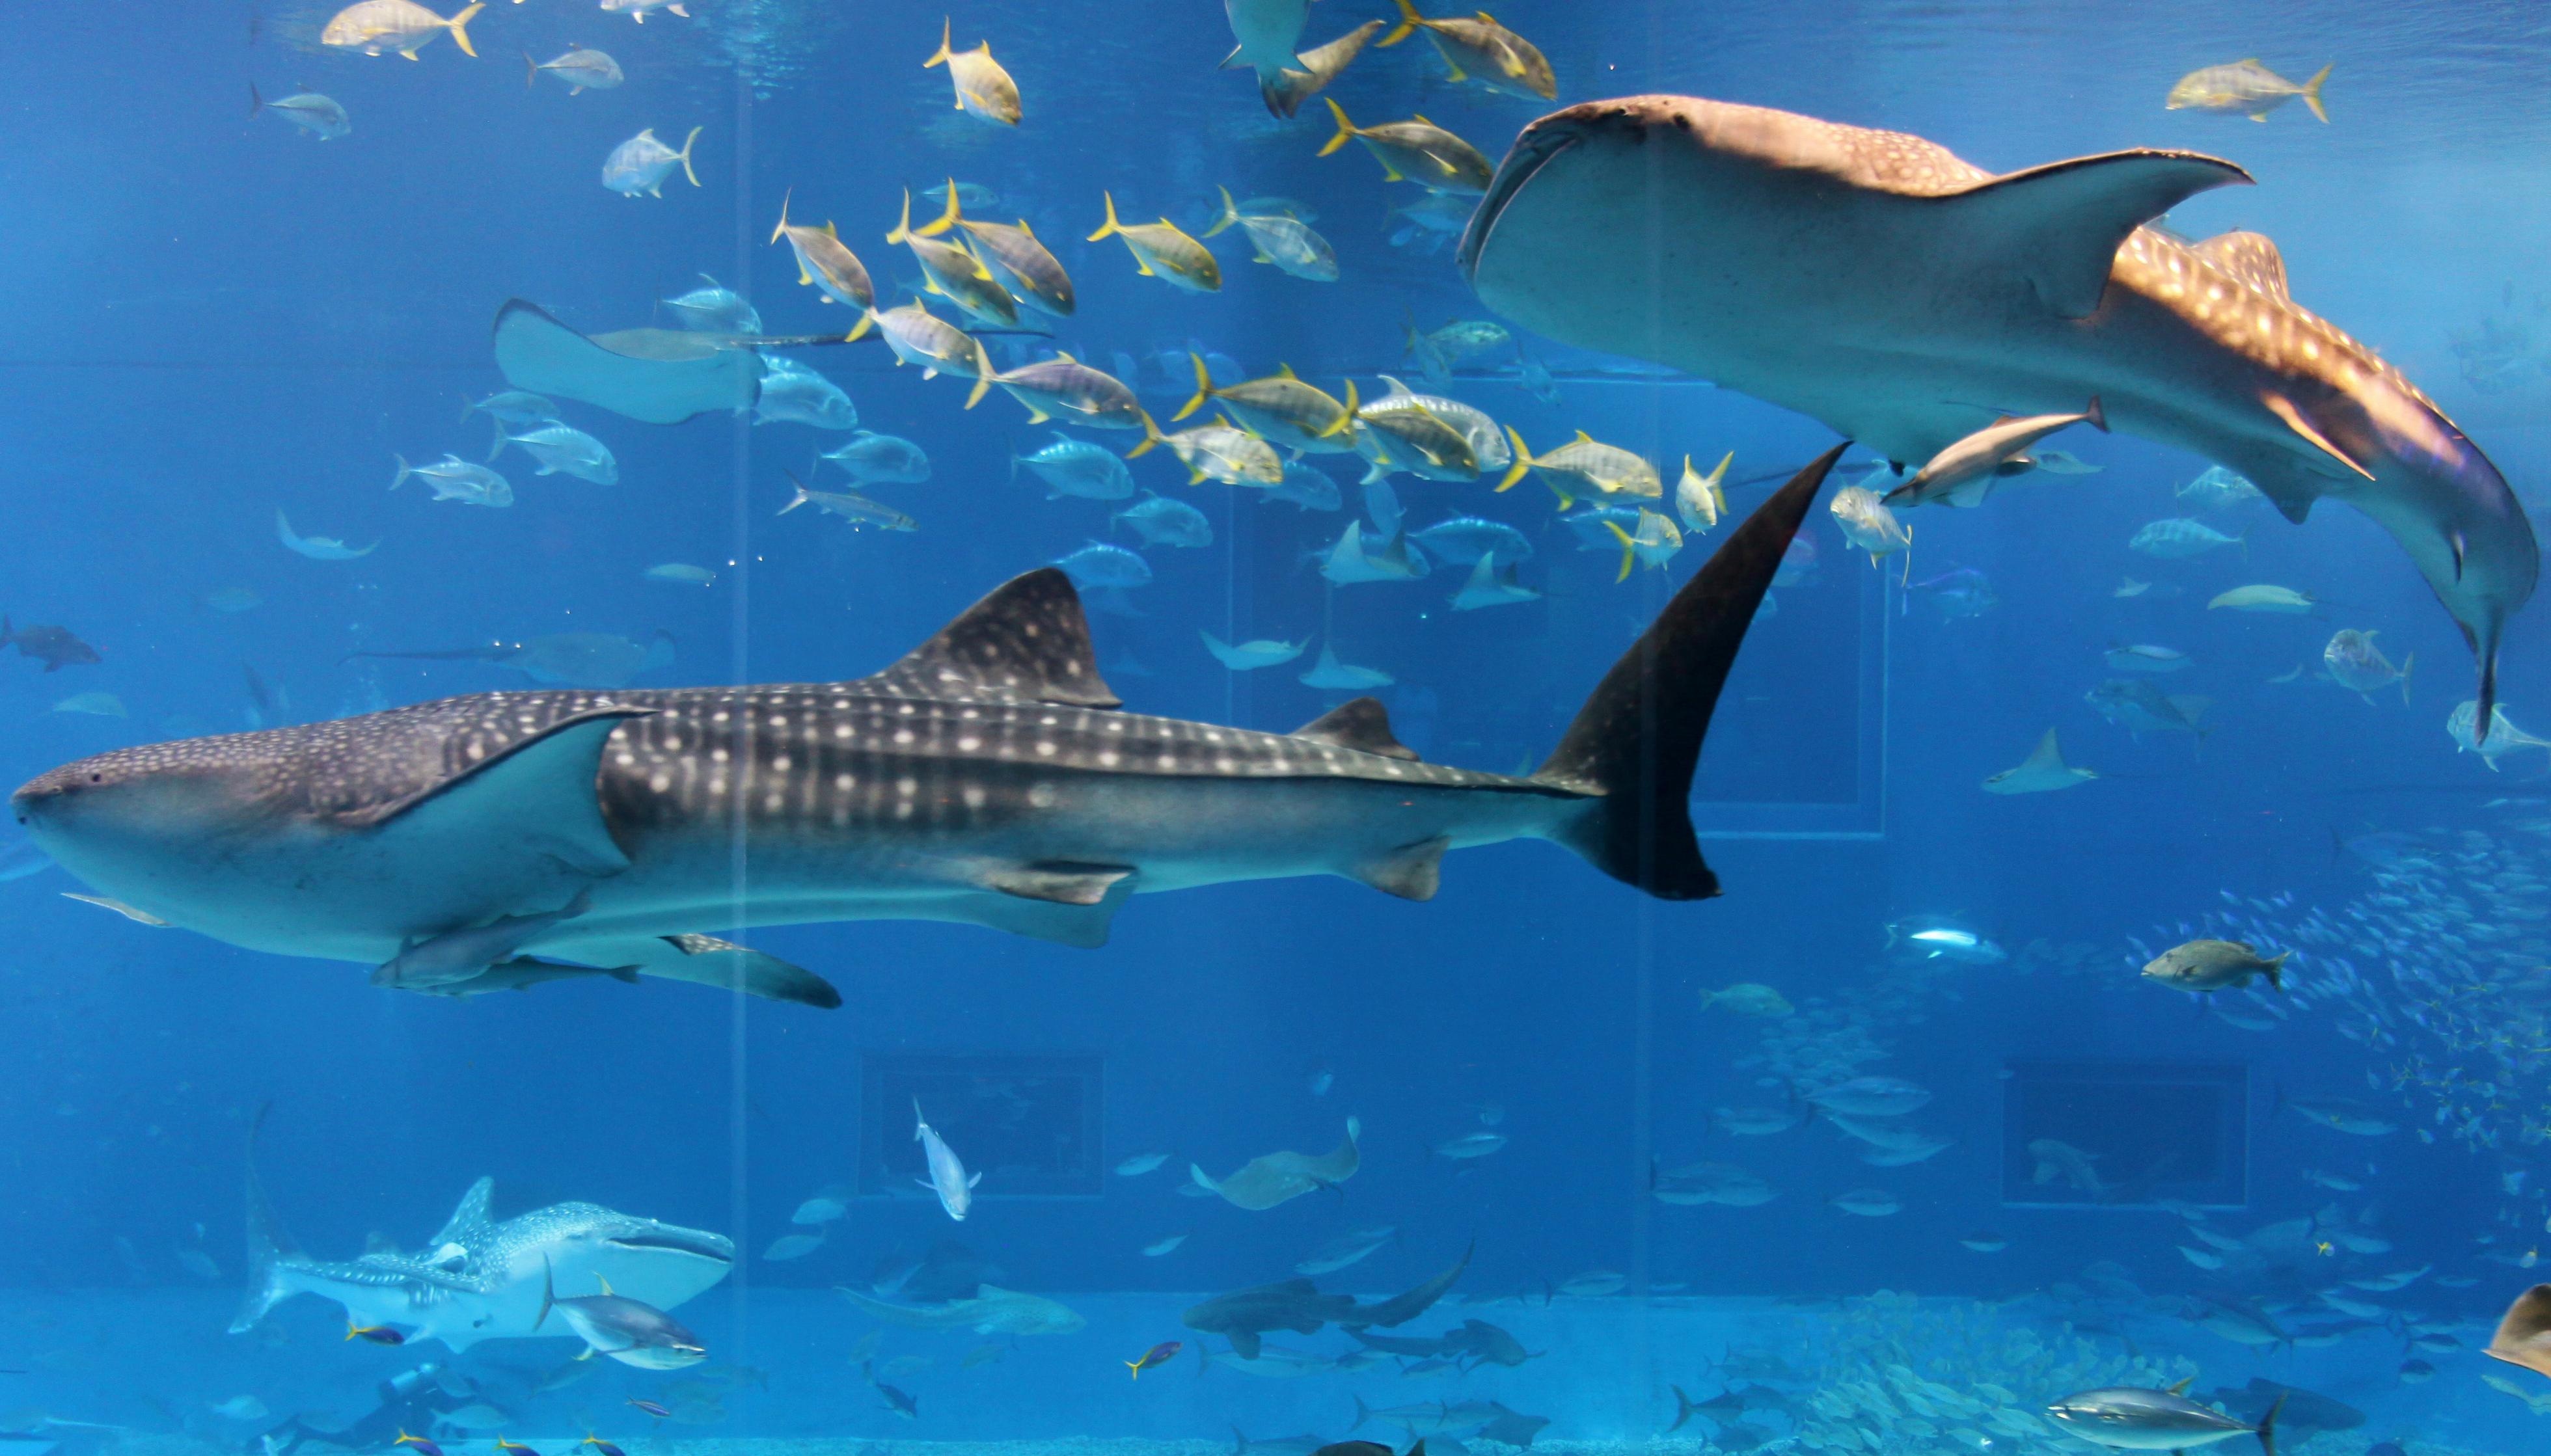 壁纸 海底 海底世界 海洋馆 水族馆 桌面 3920_2238